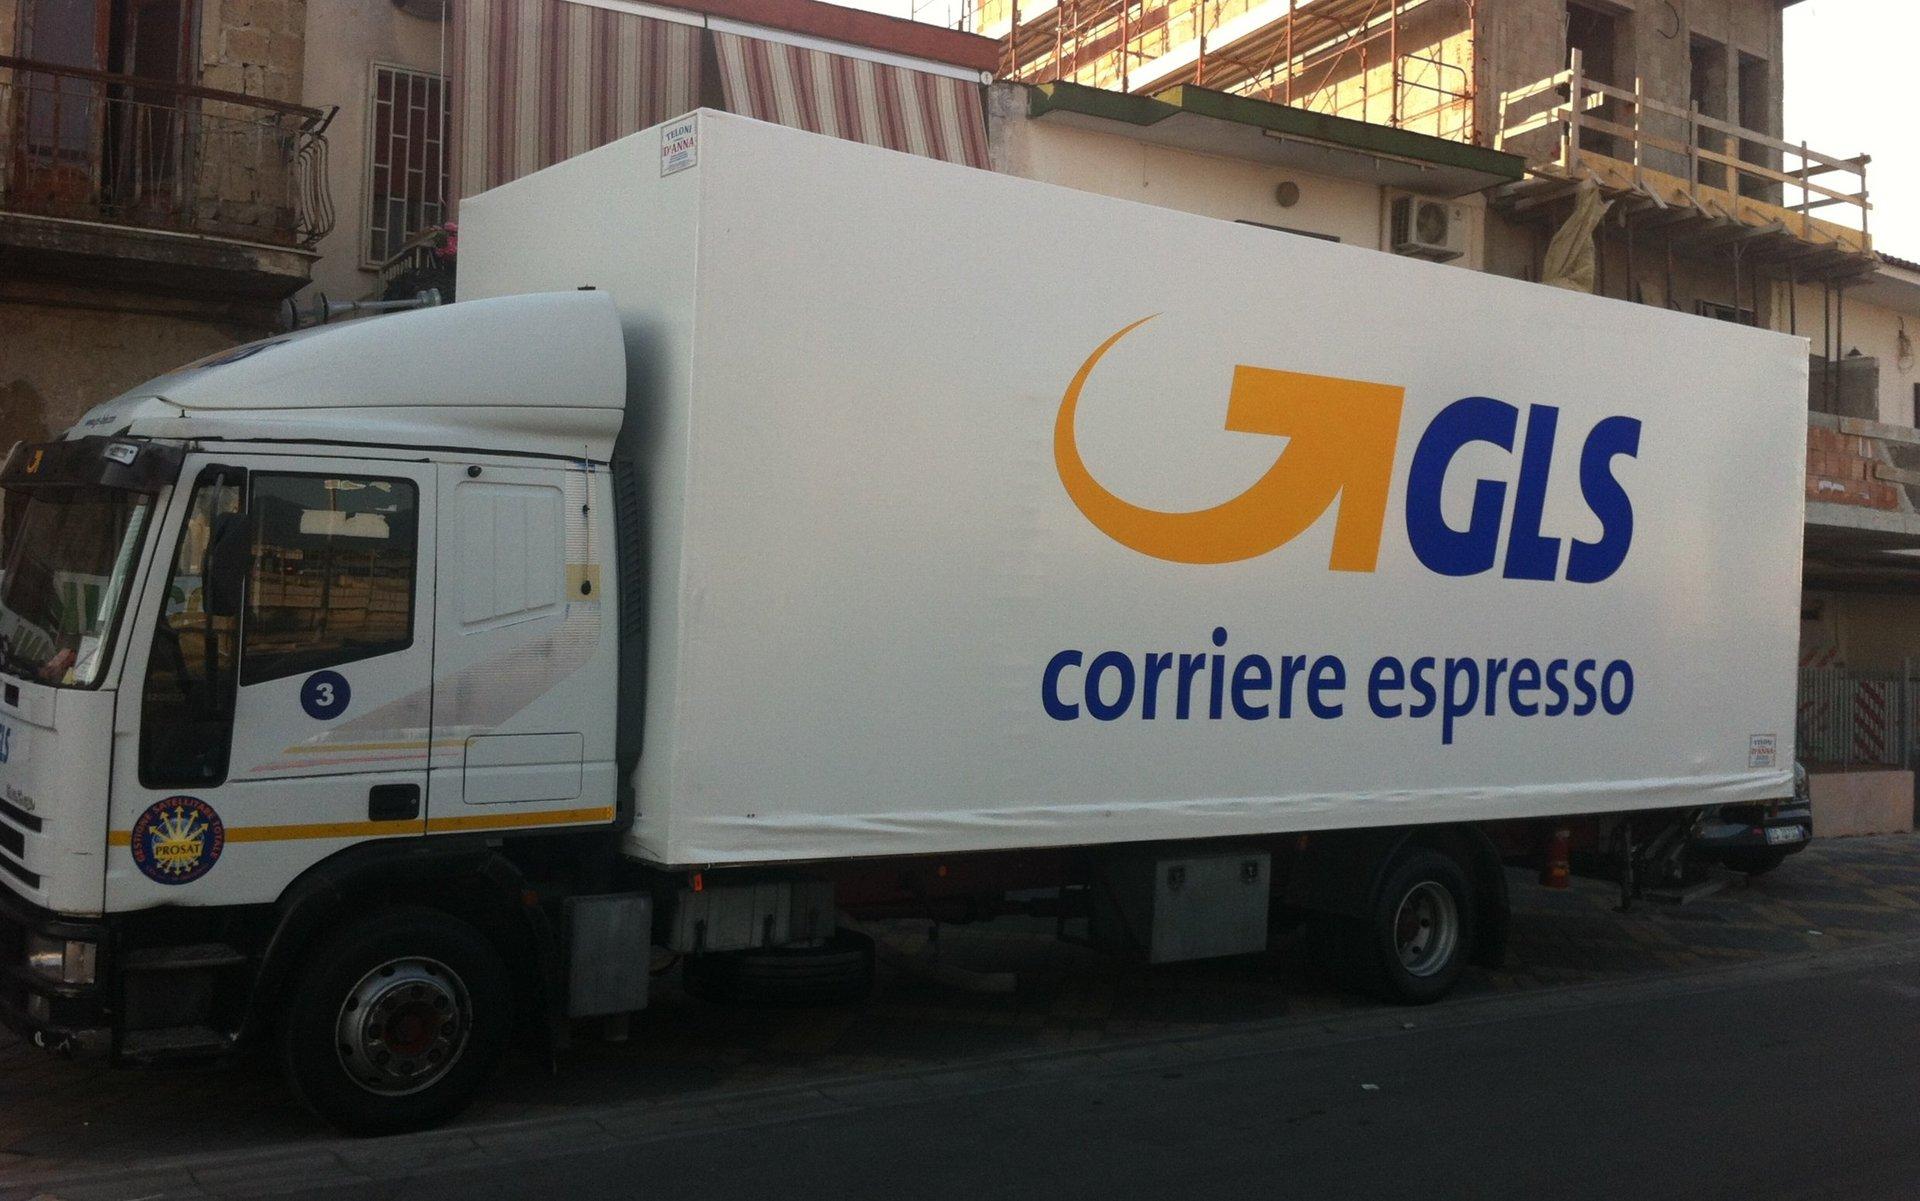 camion con scritto corriere espresso